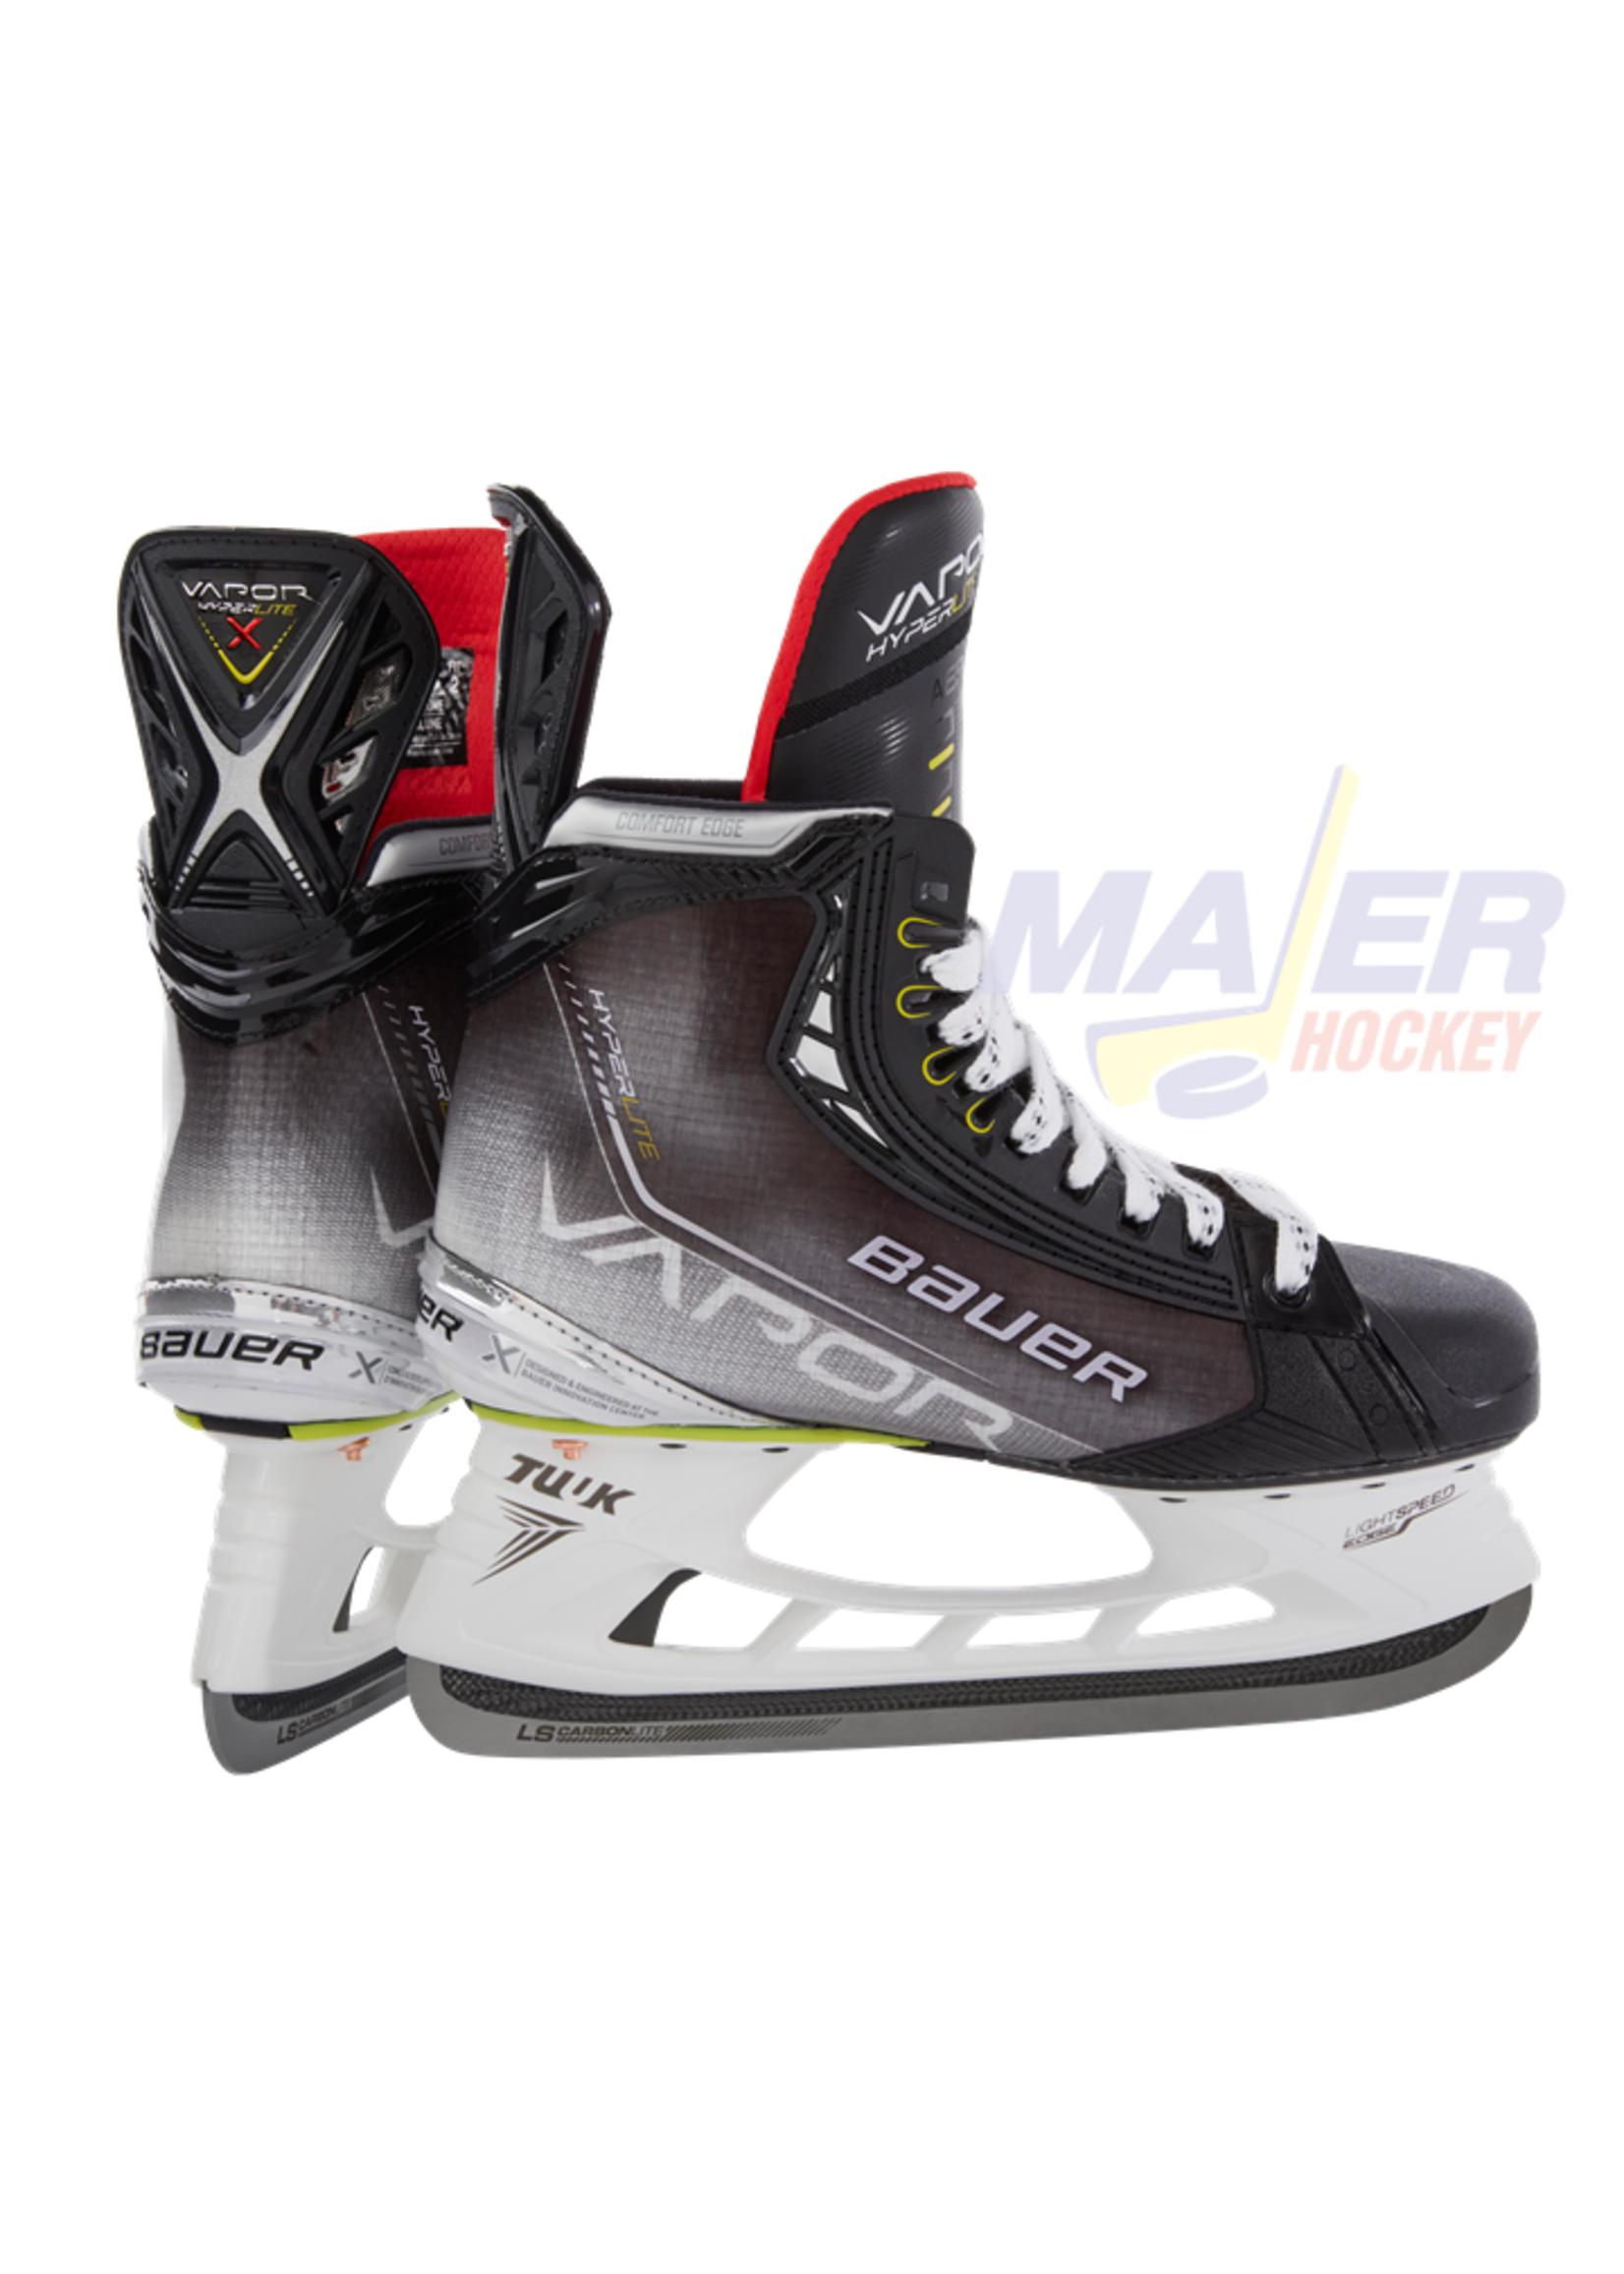 Bauer Vapor Hyperlite Sr Skates